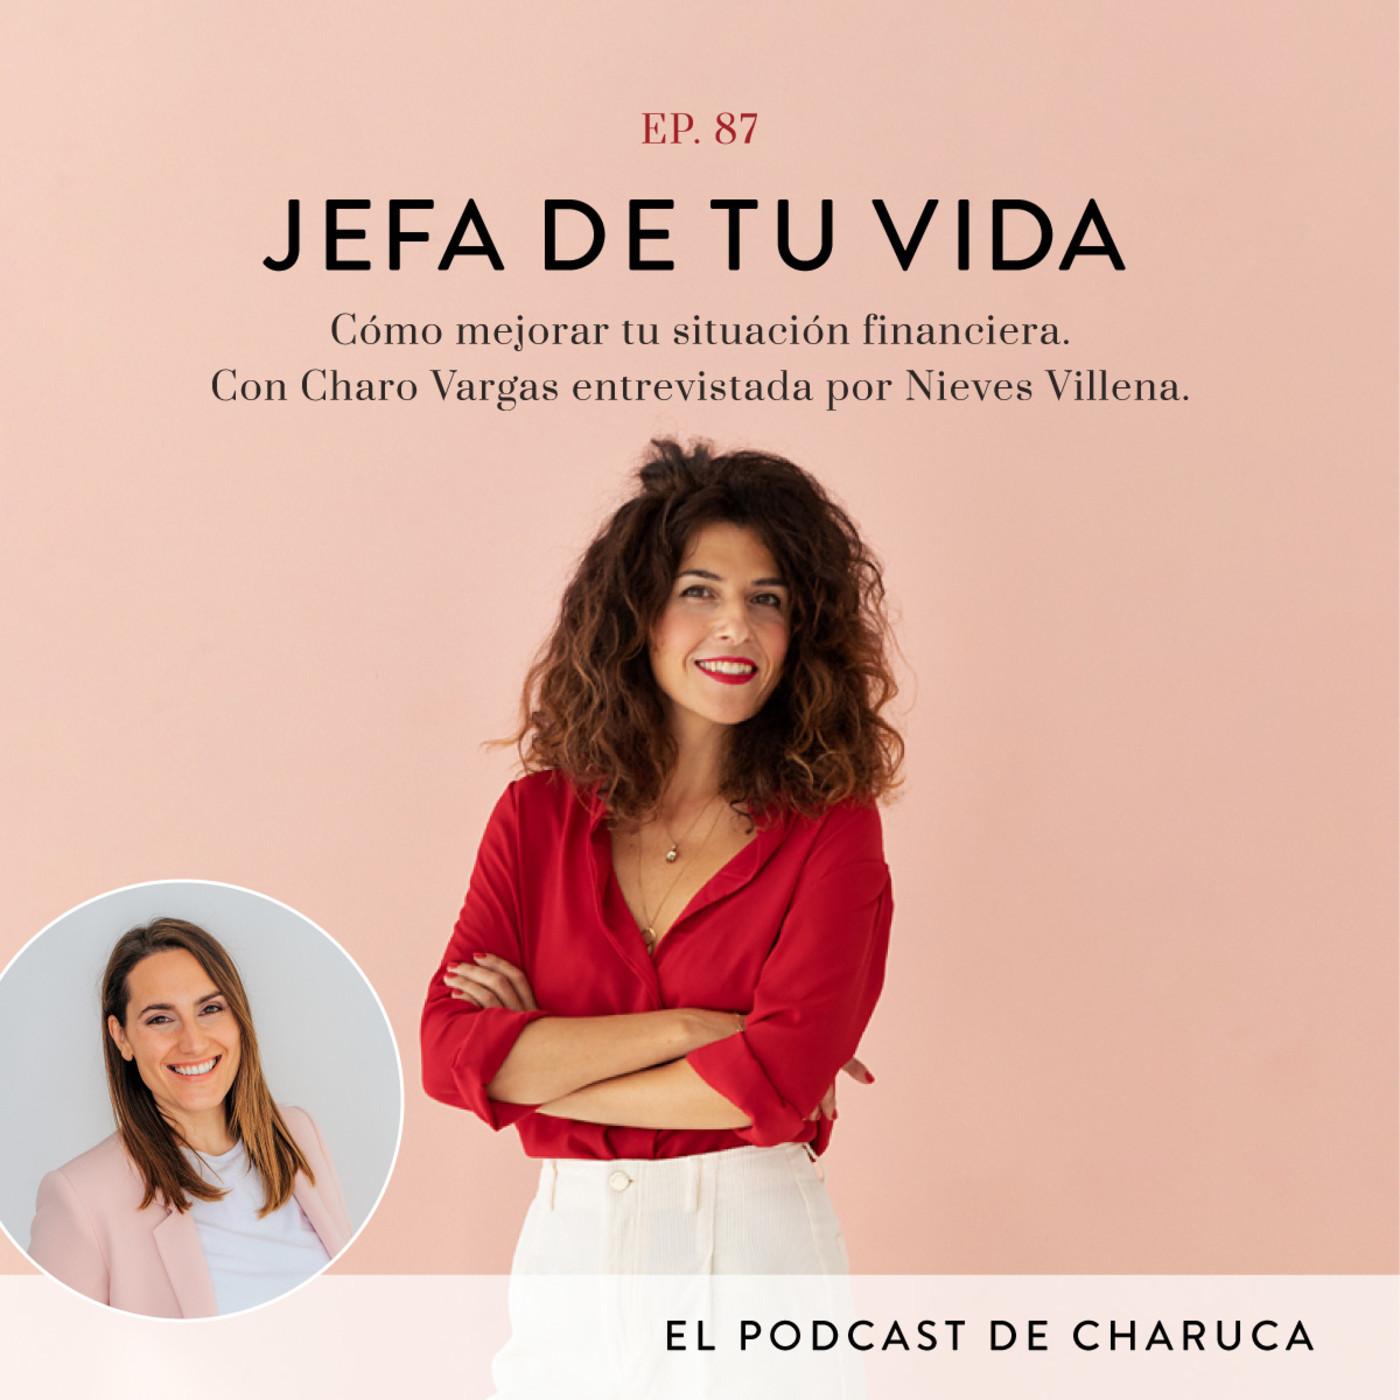 87. Cómo mejorar tu situación financiera. Con Charo Vargas entrevistada por Nieves Villena.